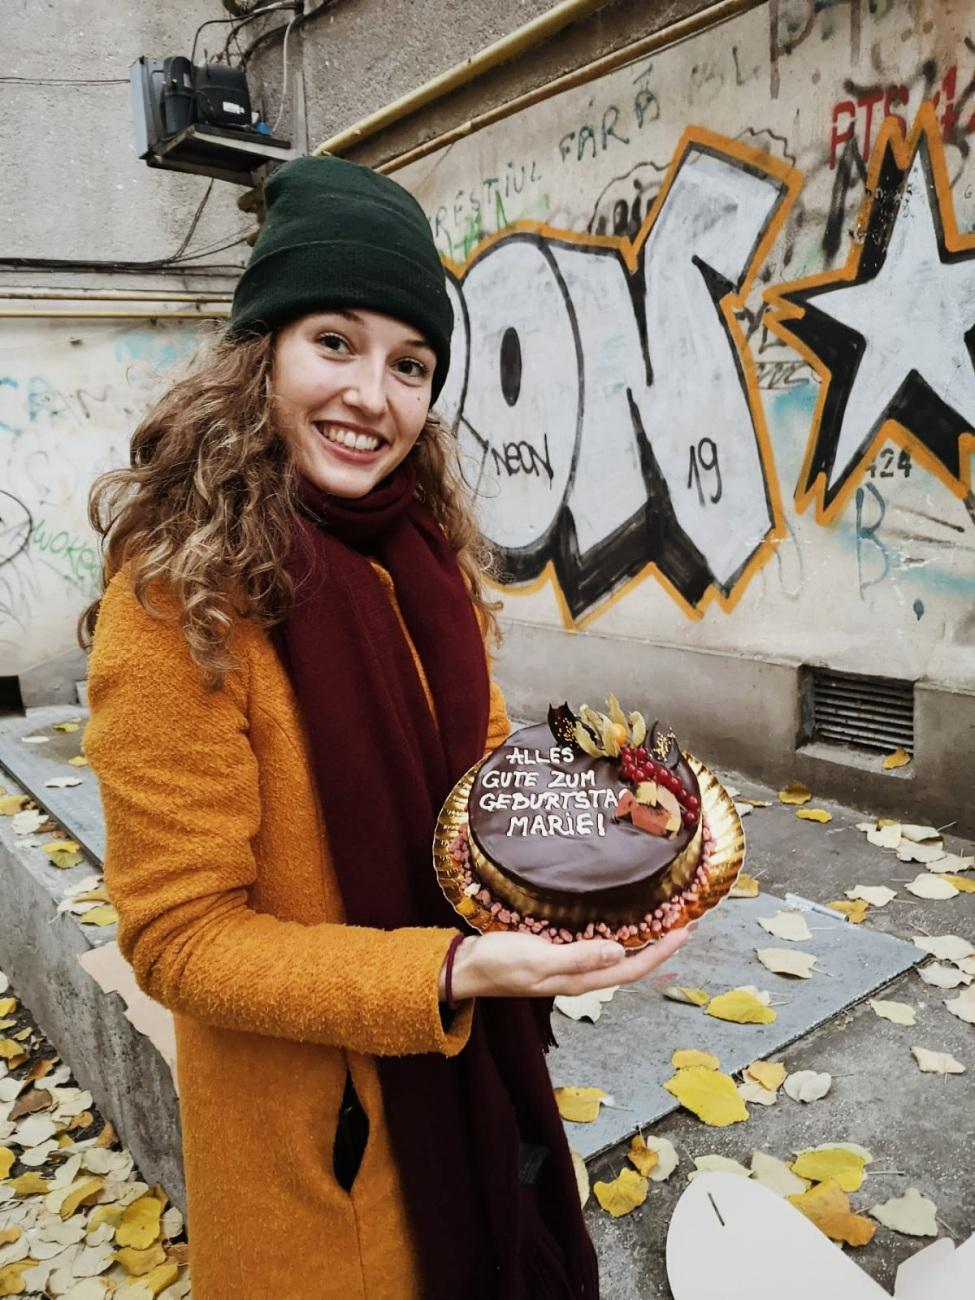 Marie mit einem Schokoladenkuchen in der Hand